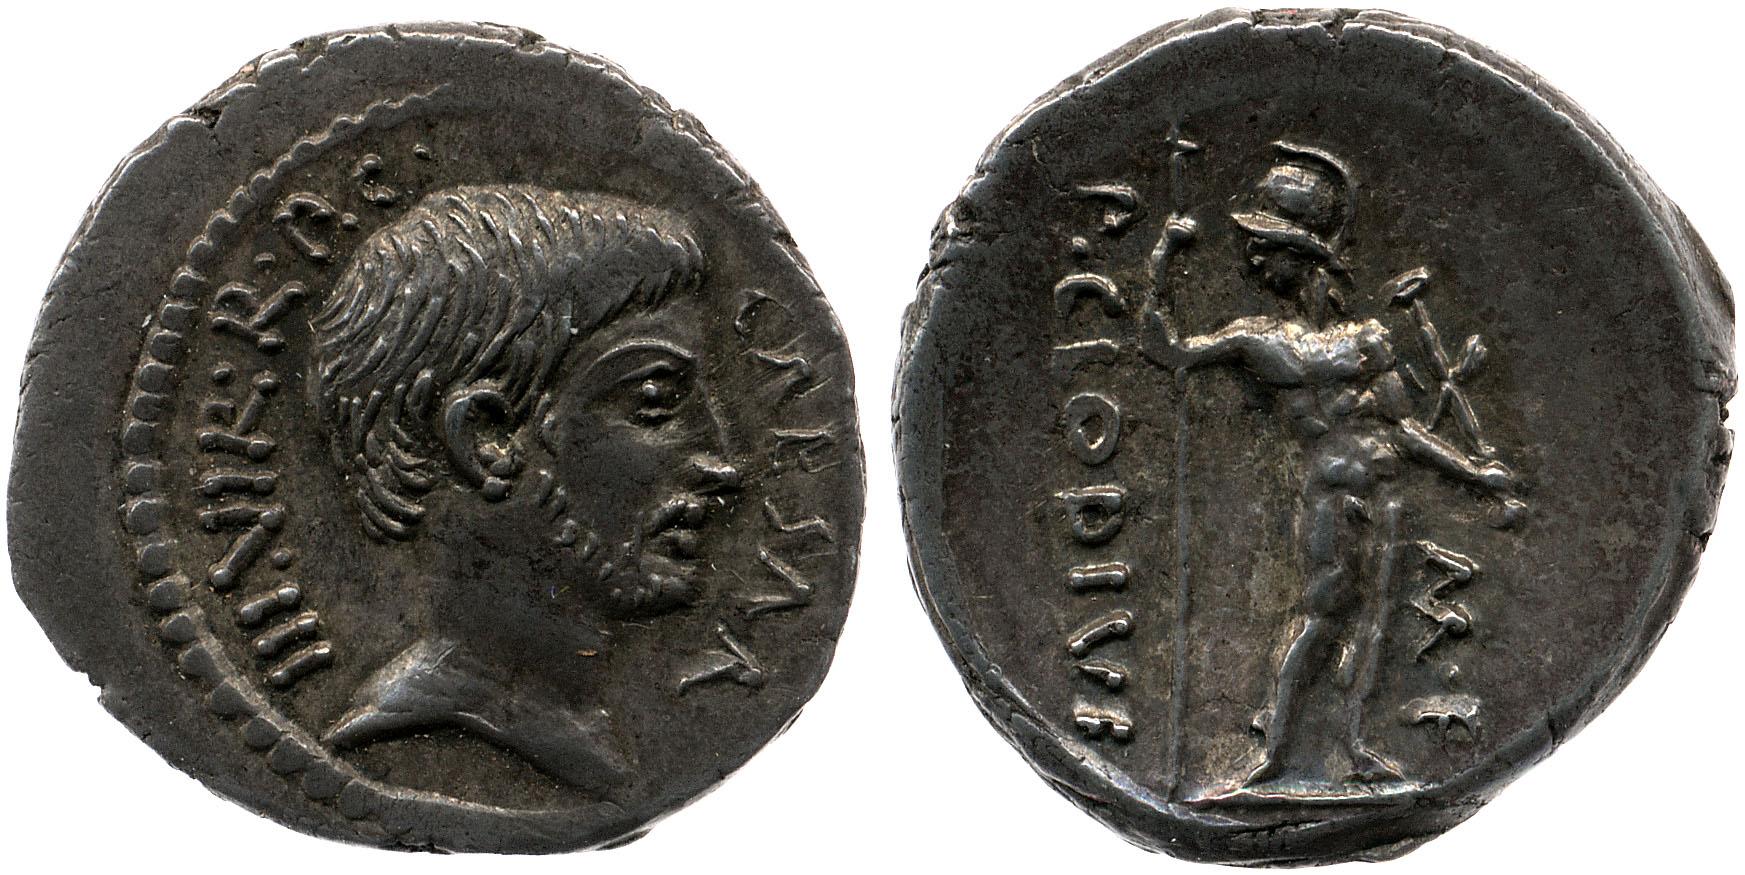 1596JU – Denier Octave – Publius Clodius